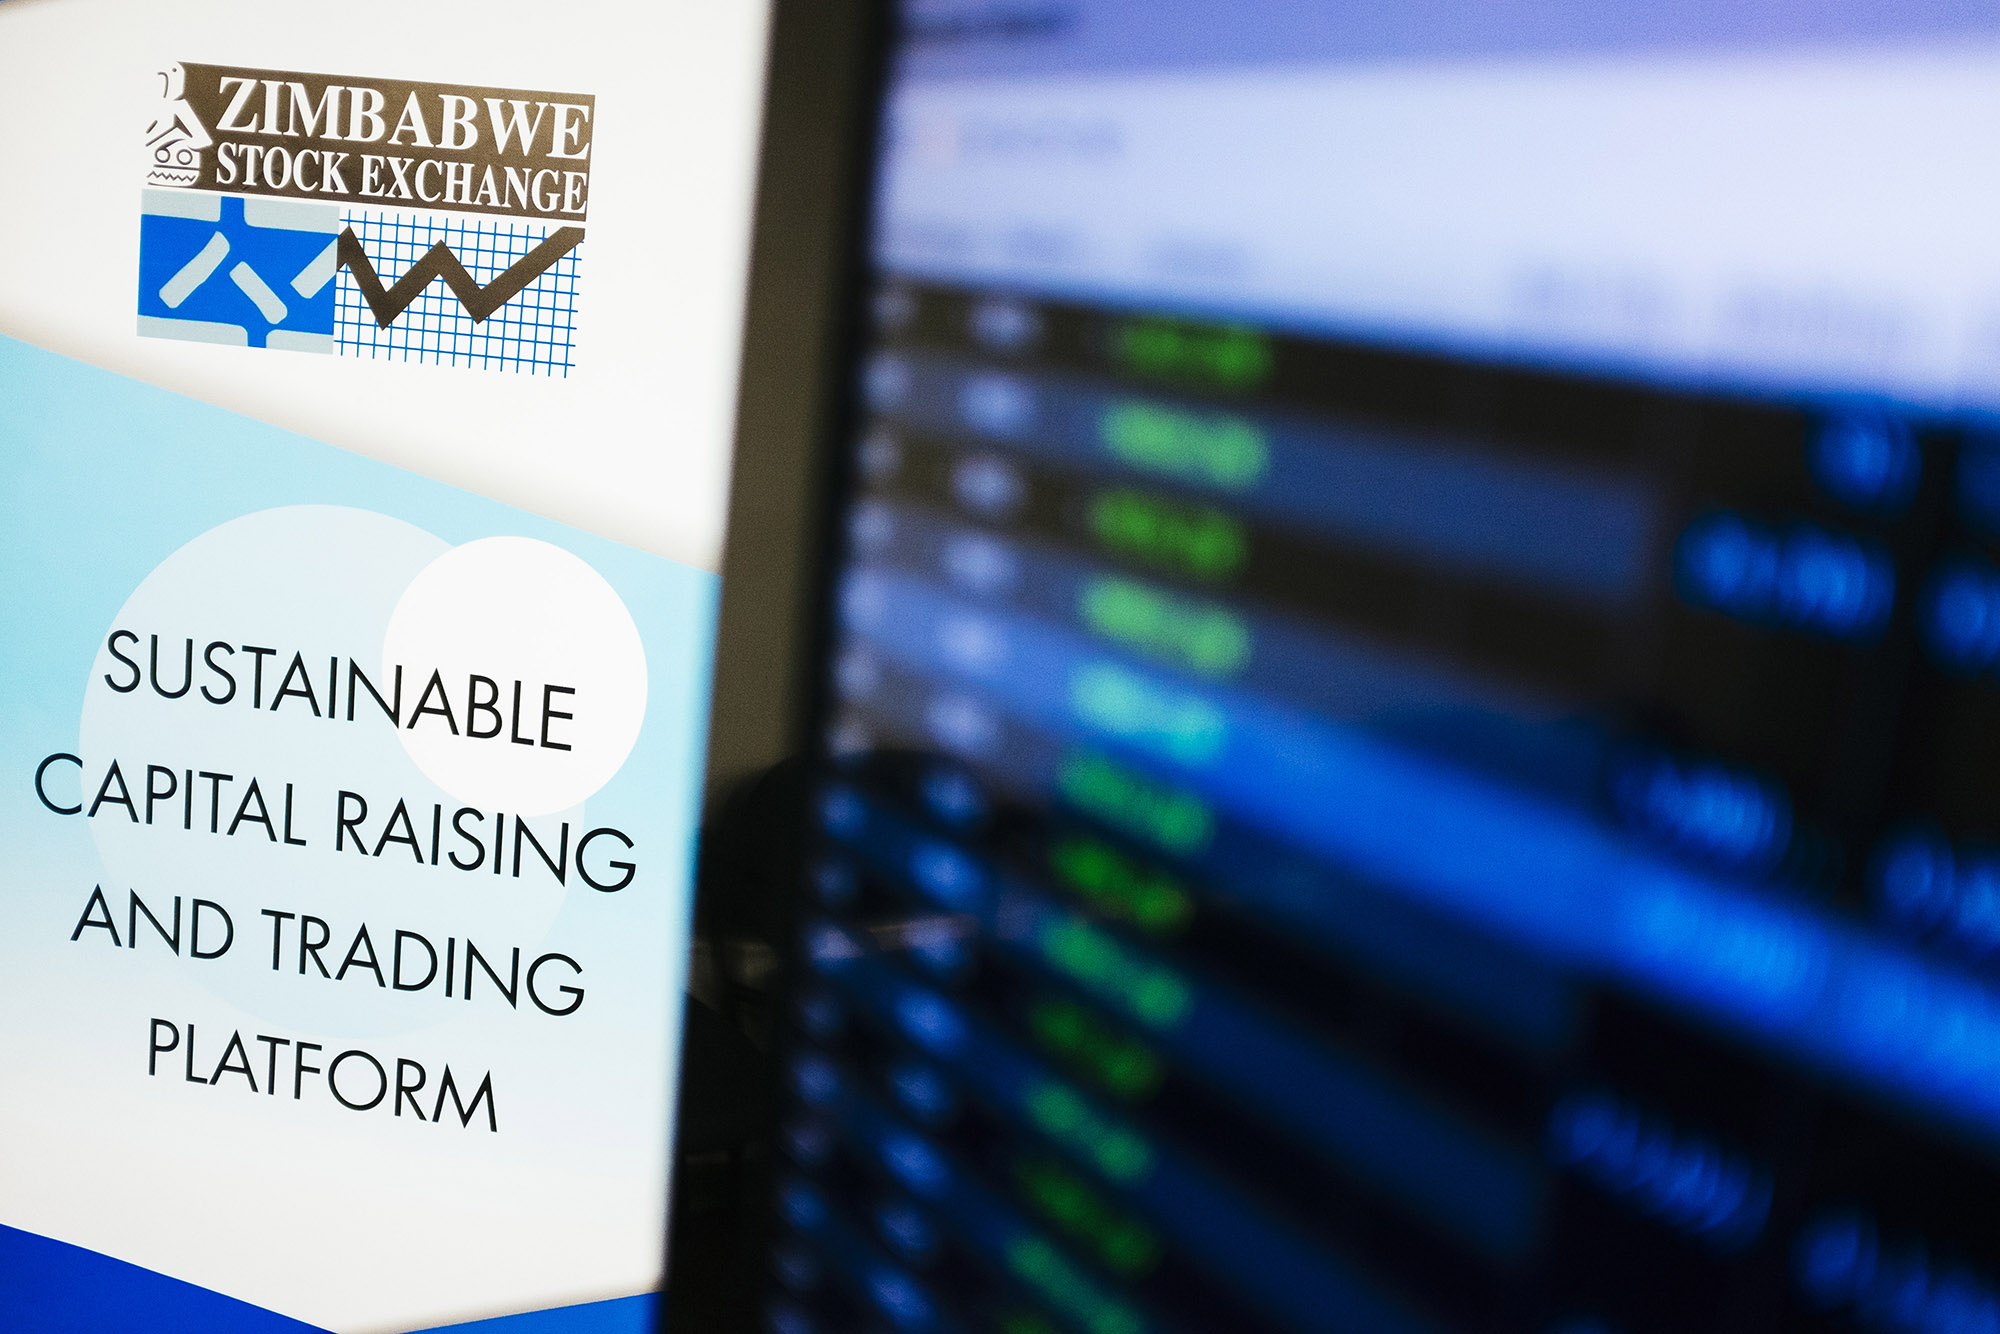 Zimbabwe: Une nouvelle Bourse pour attirer les capitaux et investisseurs étrangers